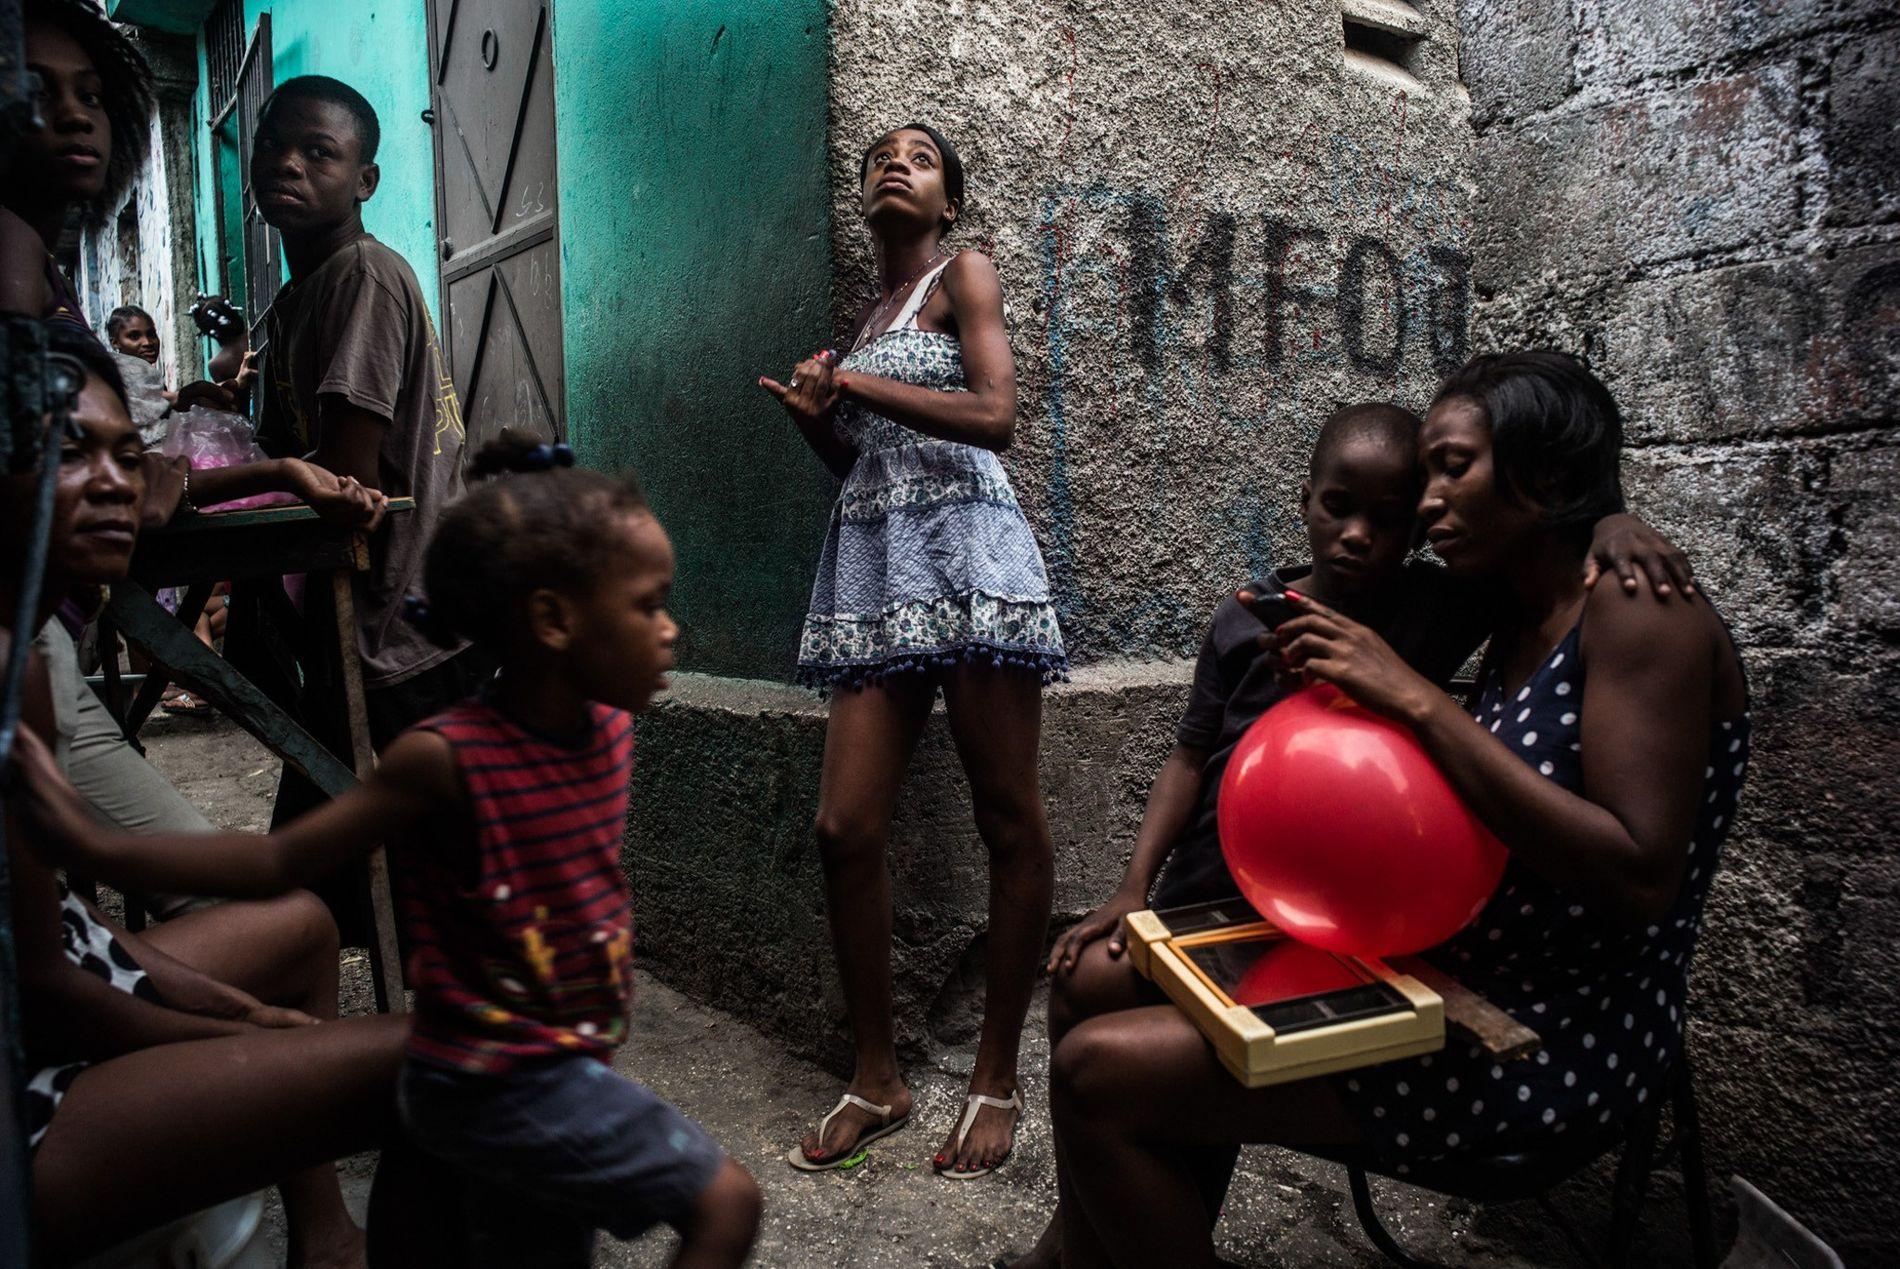 Las laberínticas calles residenciales de Puerto Príncipe están densamente pobladas. En barrios como Morne-á-Tuf, las callejuelas ...